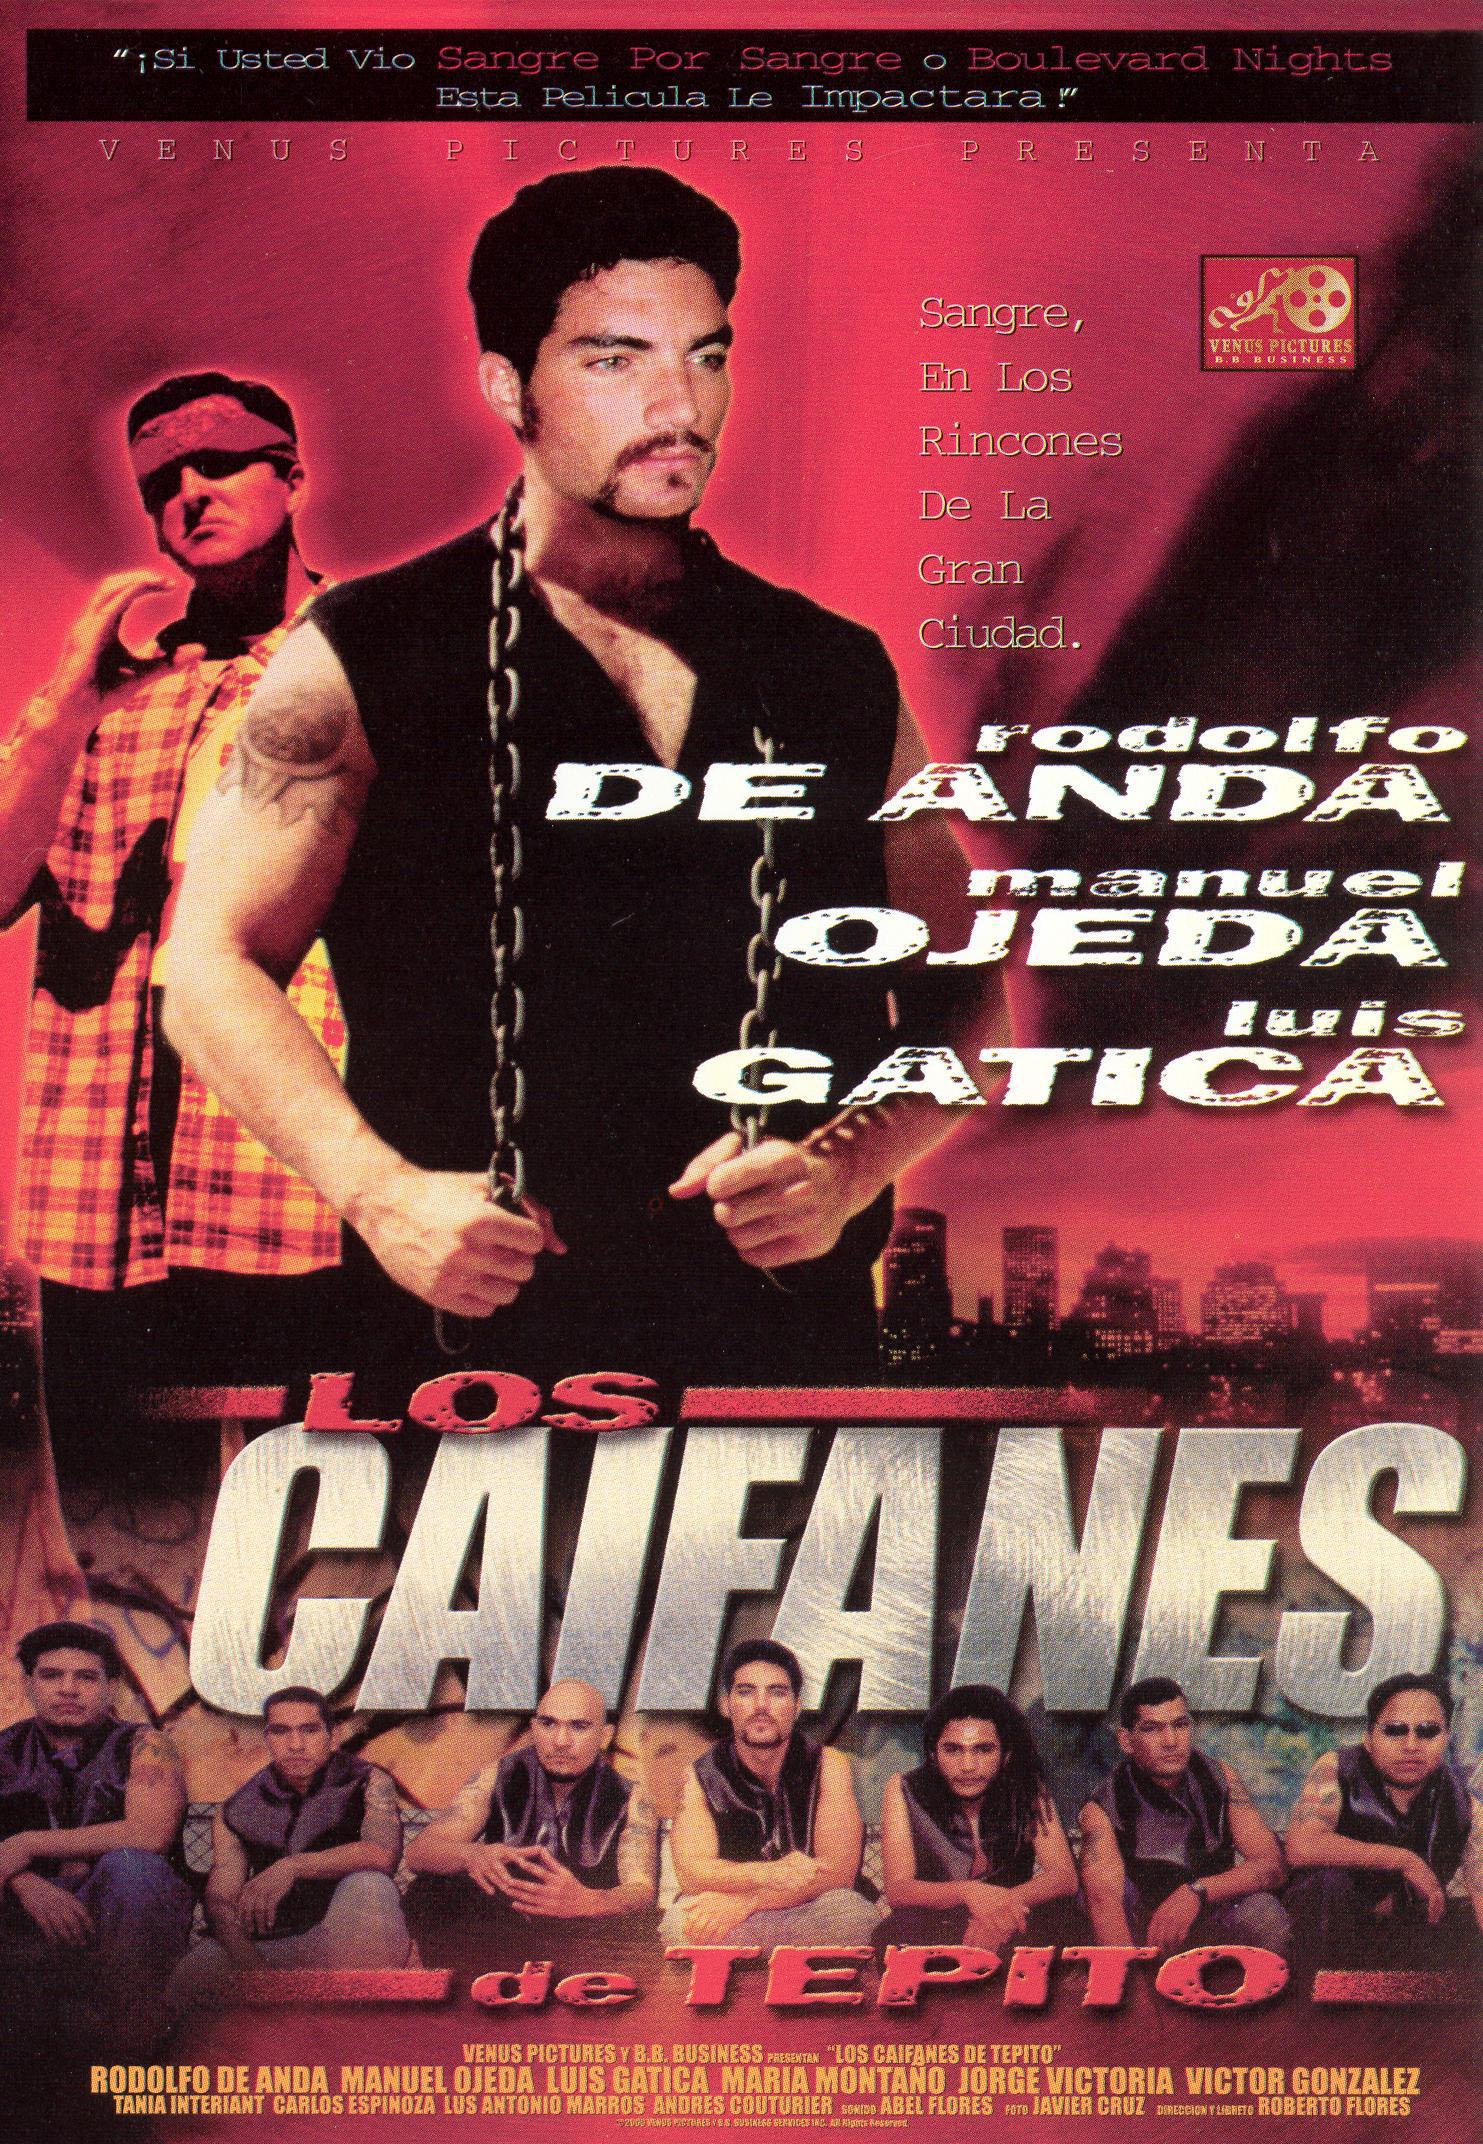 Los Caifanes De Tepito